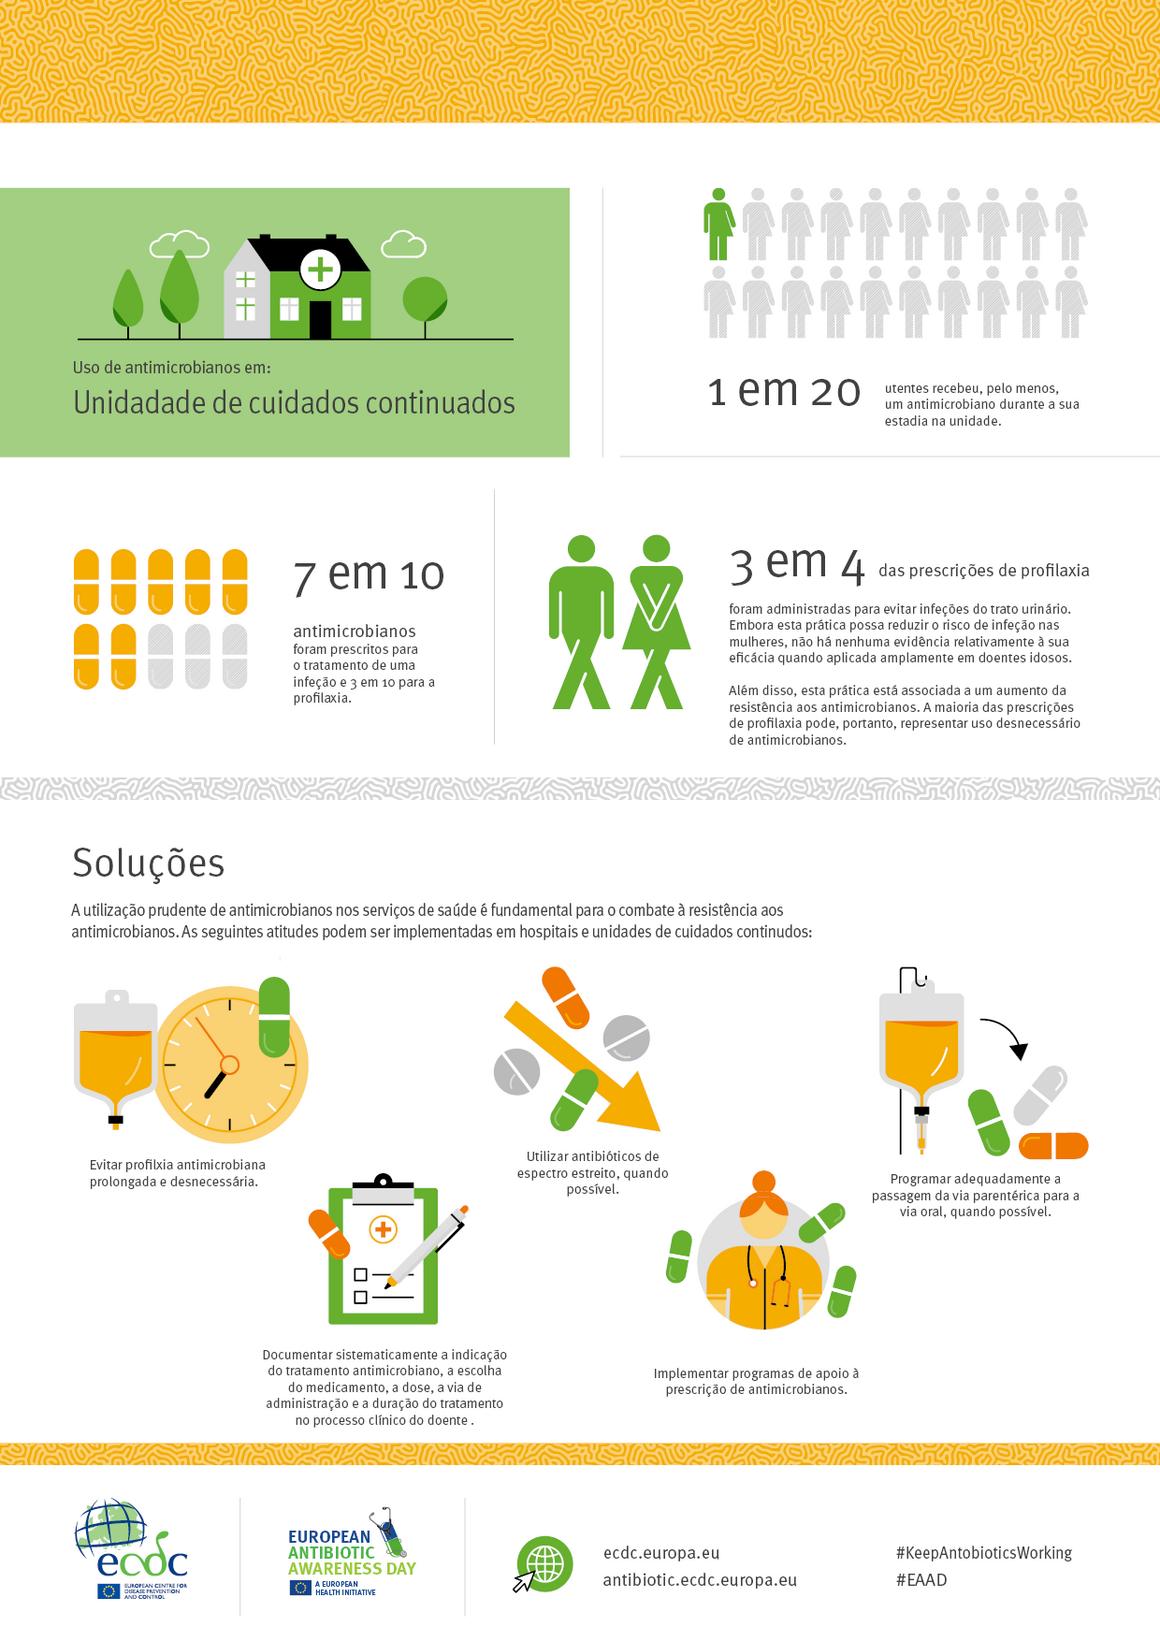 Uso de antimicrobianos em: Unidadade de cuidados continuados